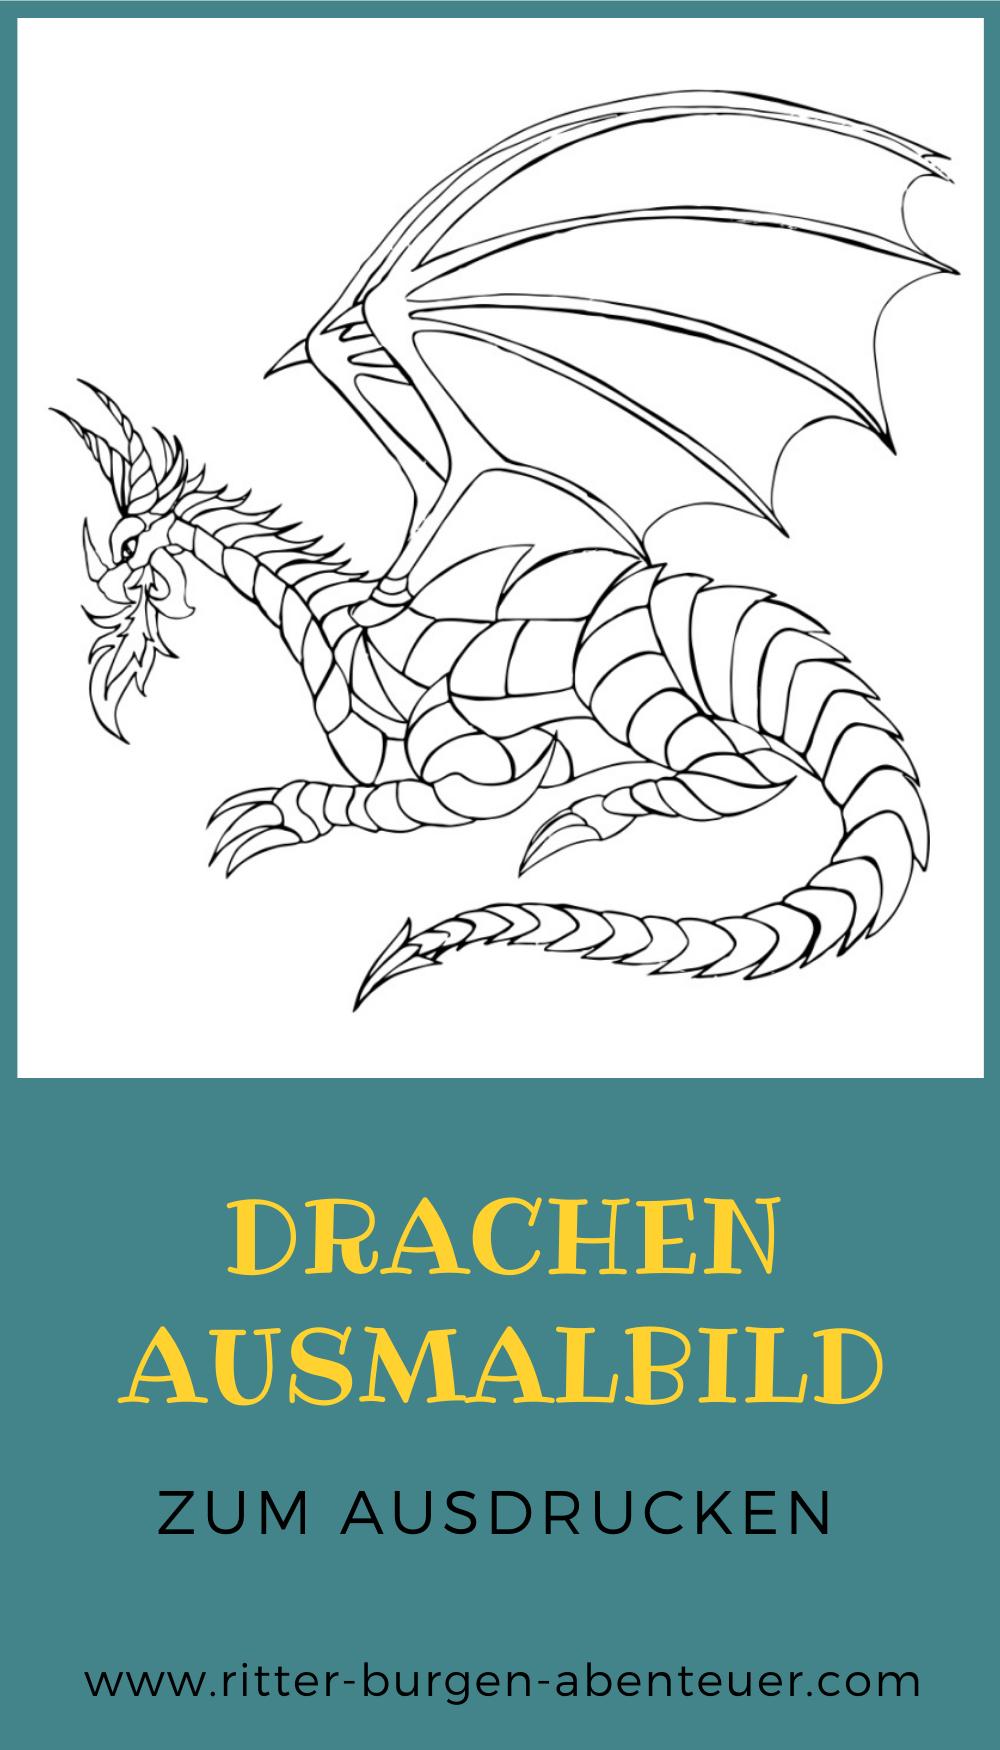 Drachen Ausmalbilder  kostenlose Malvorlagen für Kinder ...